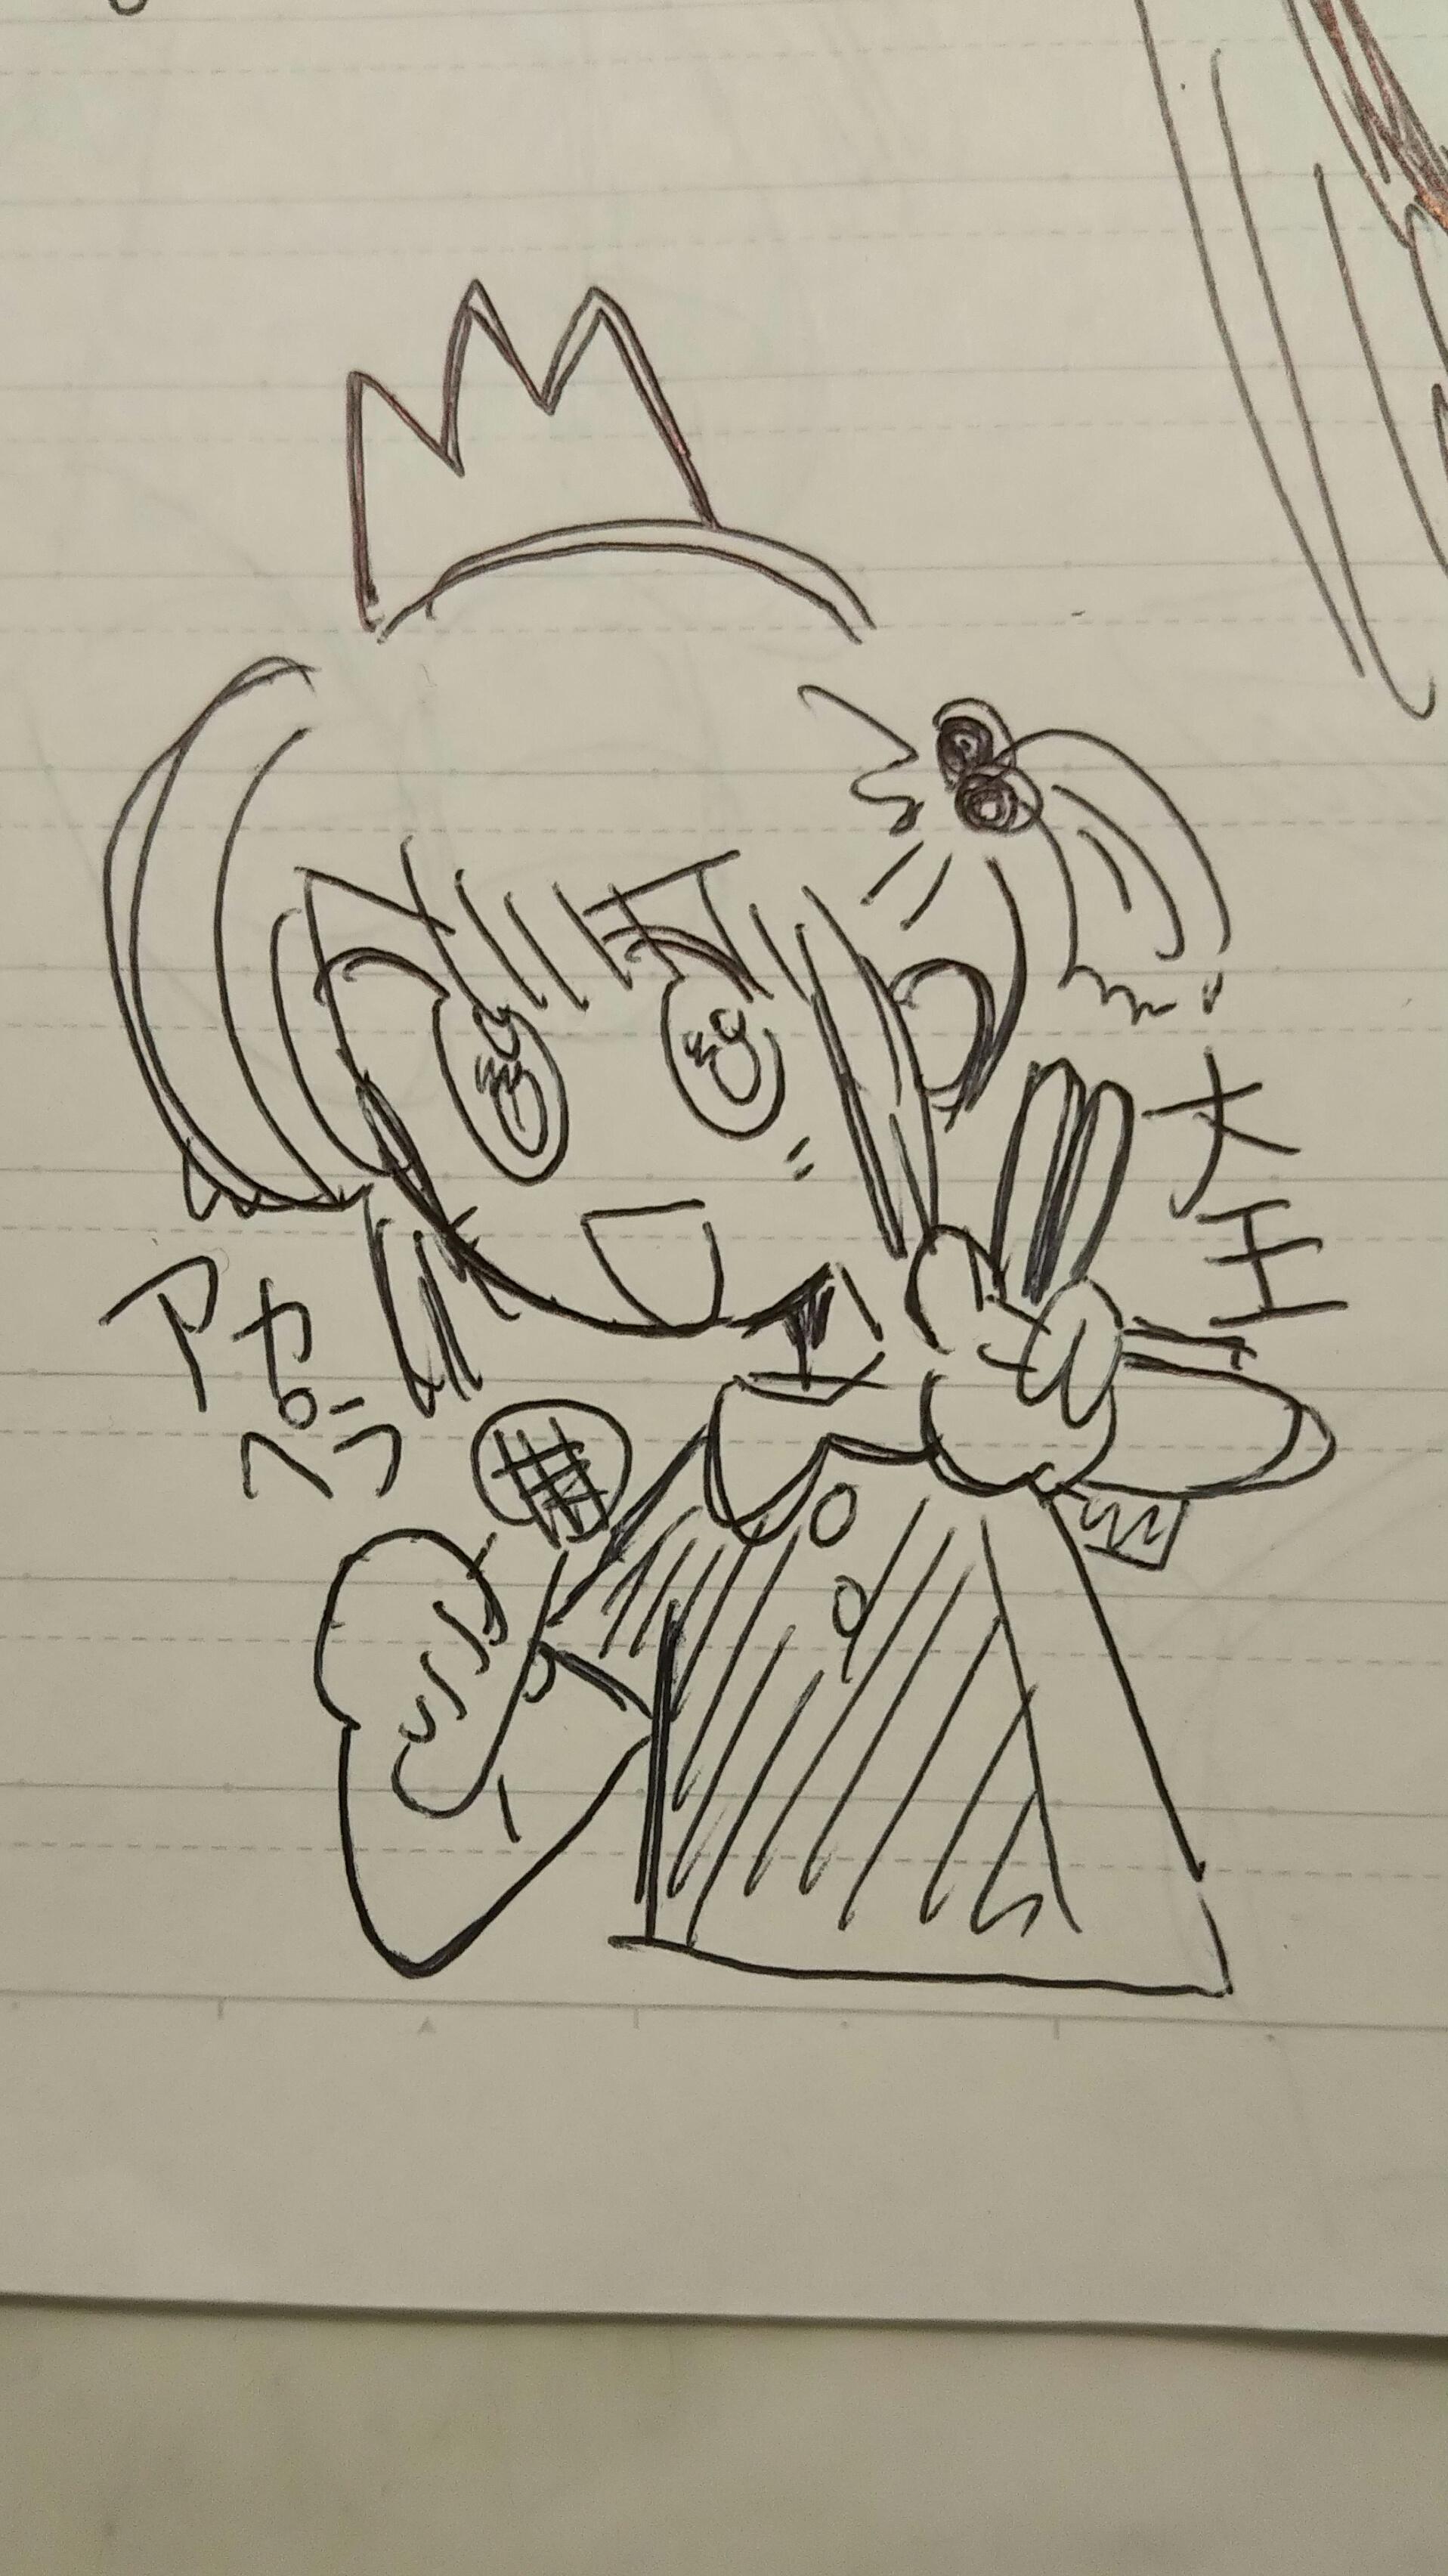 #01【アカペラ大王】初投稿!ウマイヘタは関係ねえ!!!